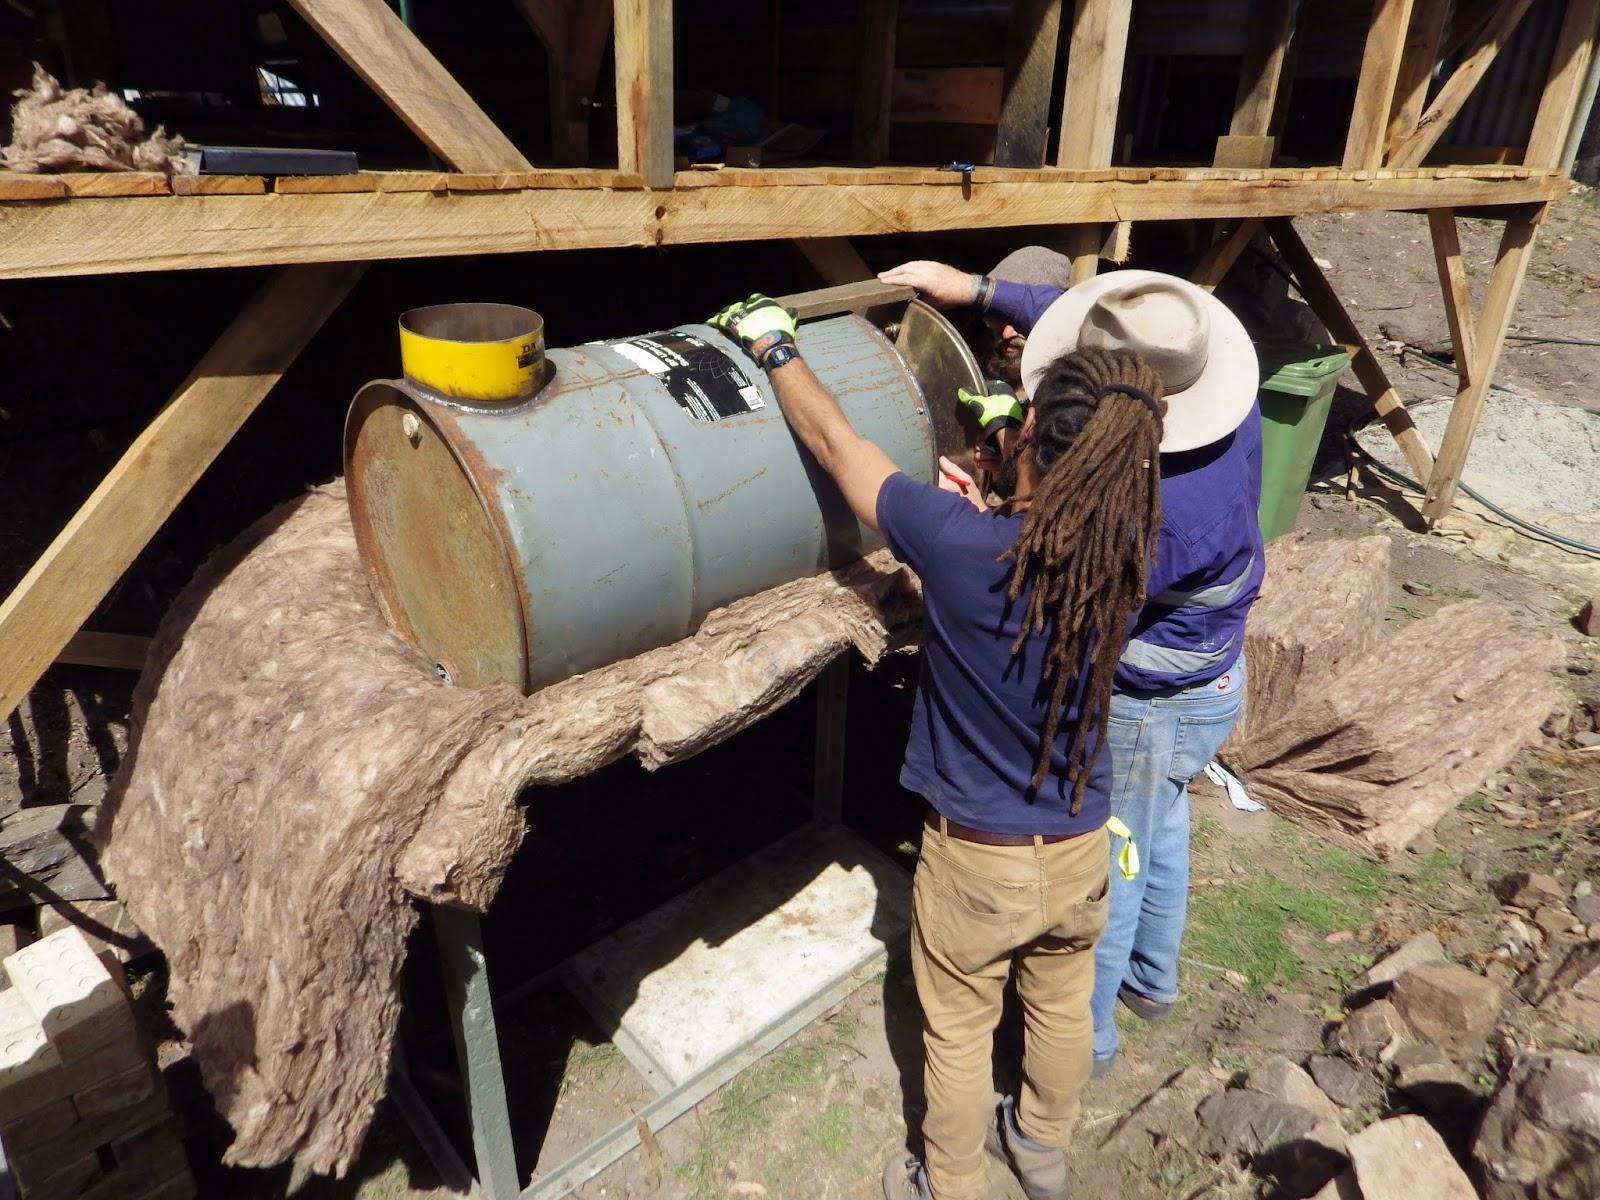 Un petit tour une alternative la permaculture for Chauffe eau au bois pour piscine